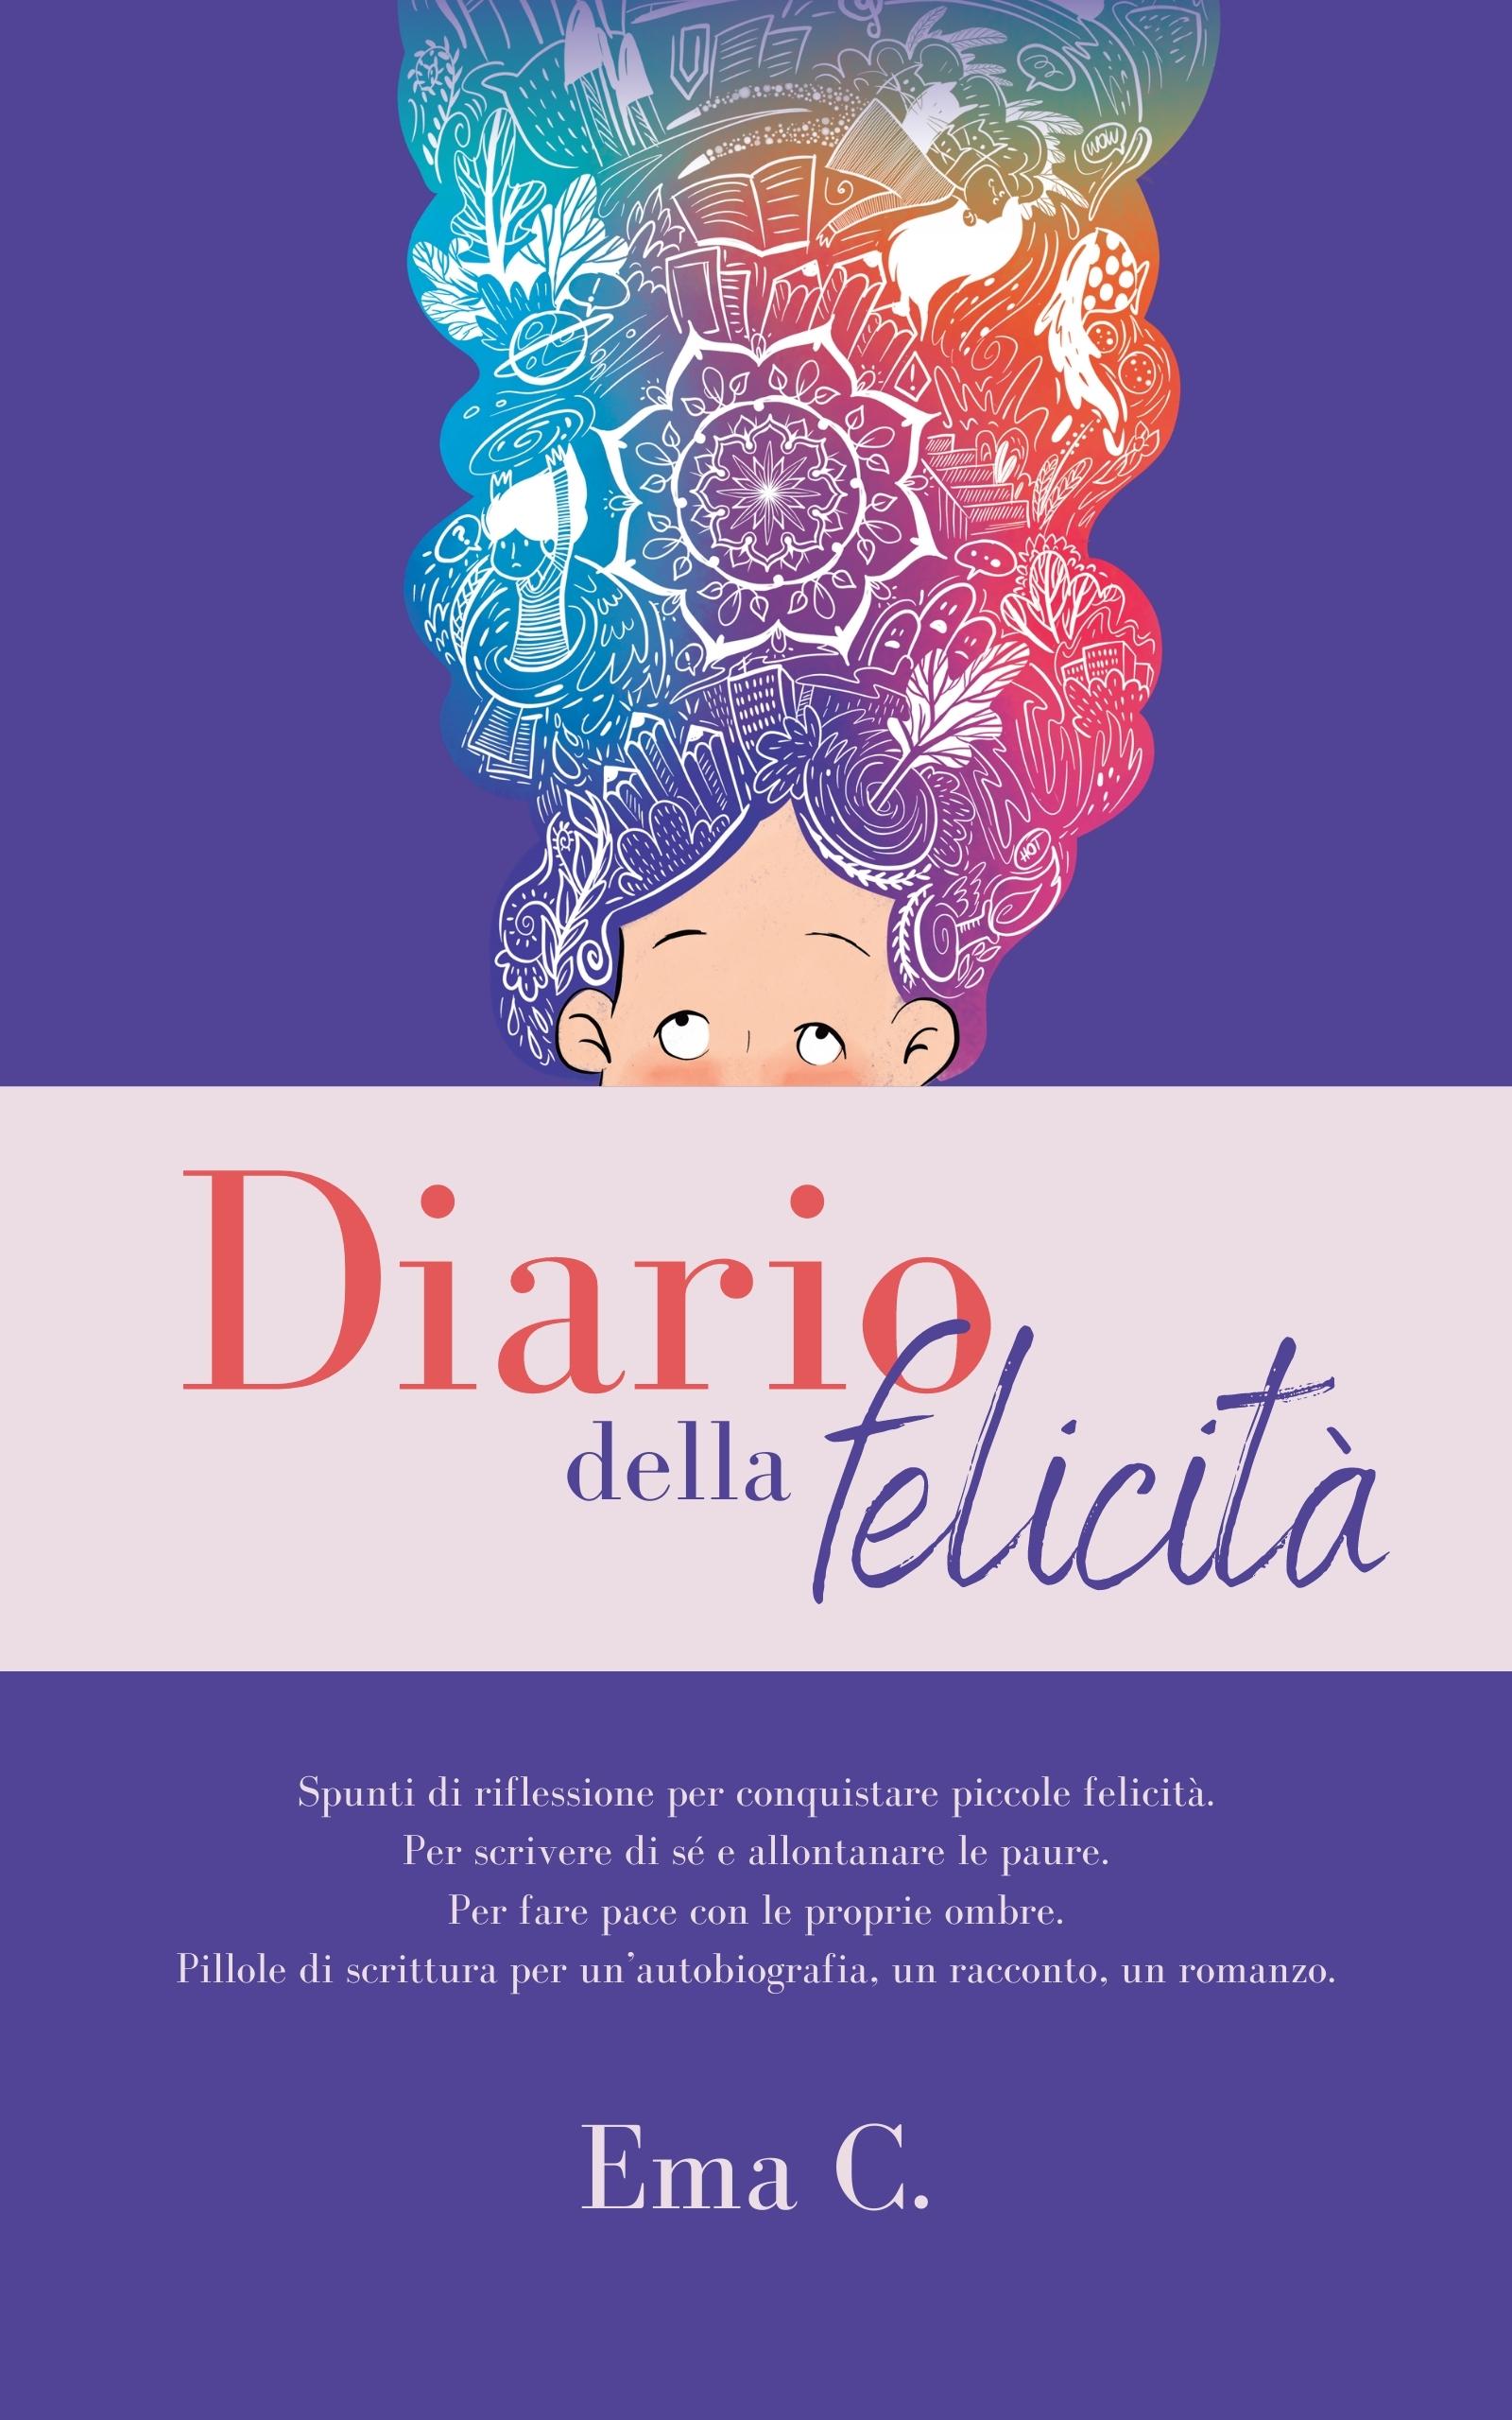 Cover - Diario della felicità.jpg